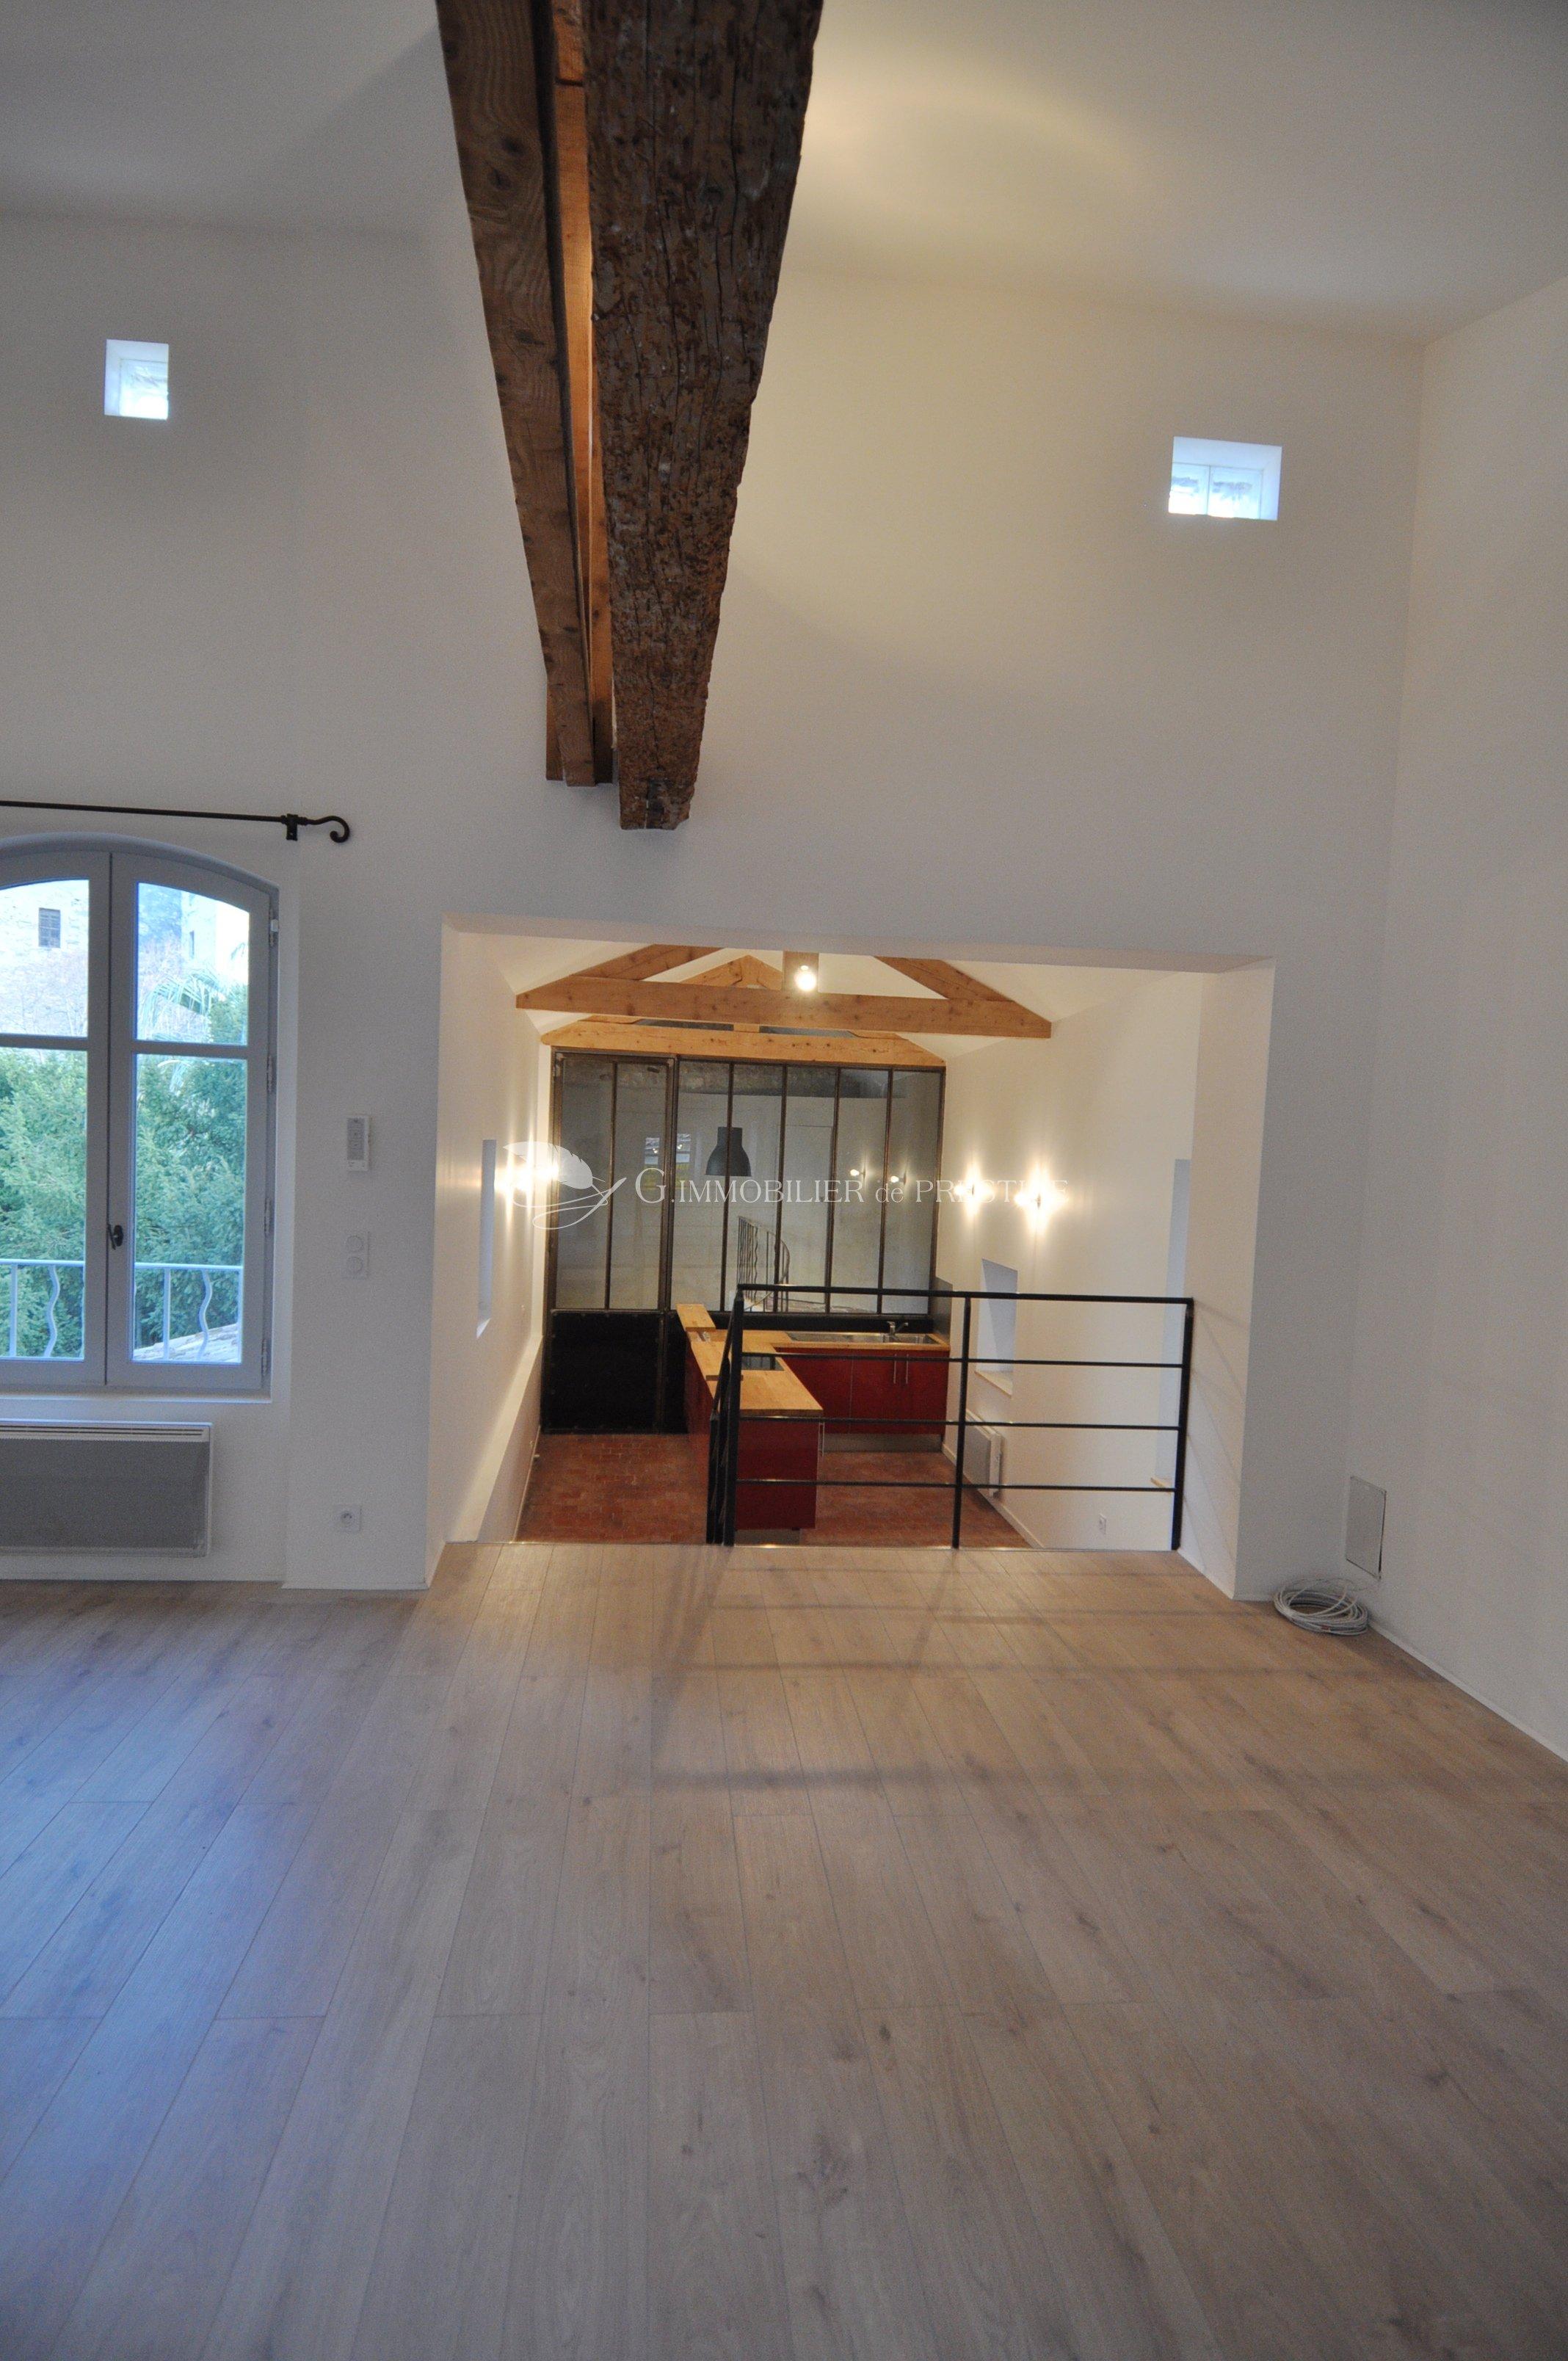 Vaucluse avignon h tel particulier avec loft et for Loft appartement